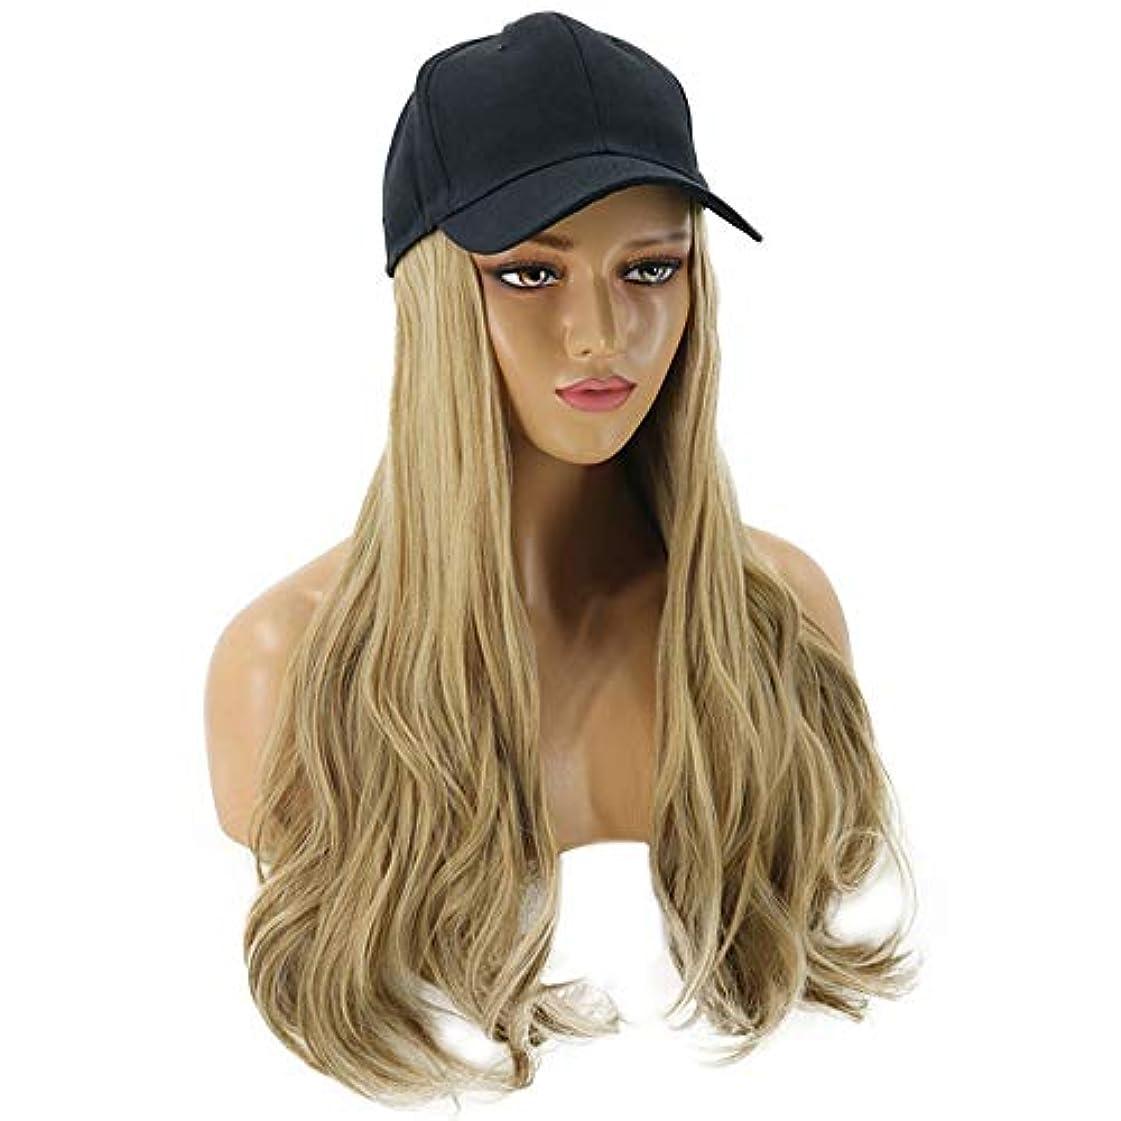 HAILAN HOME-かつら 女性のファッションノベルティかつらハットワンピース帽子ウィッグForesightfulカーリーヘアグラデーションブラウンワンピース取り外し可能 (色 : Mixed gold)